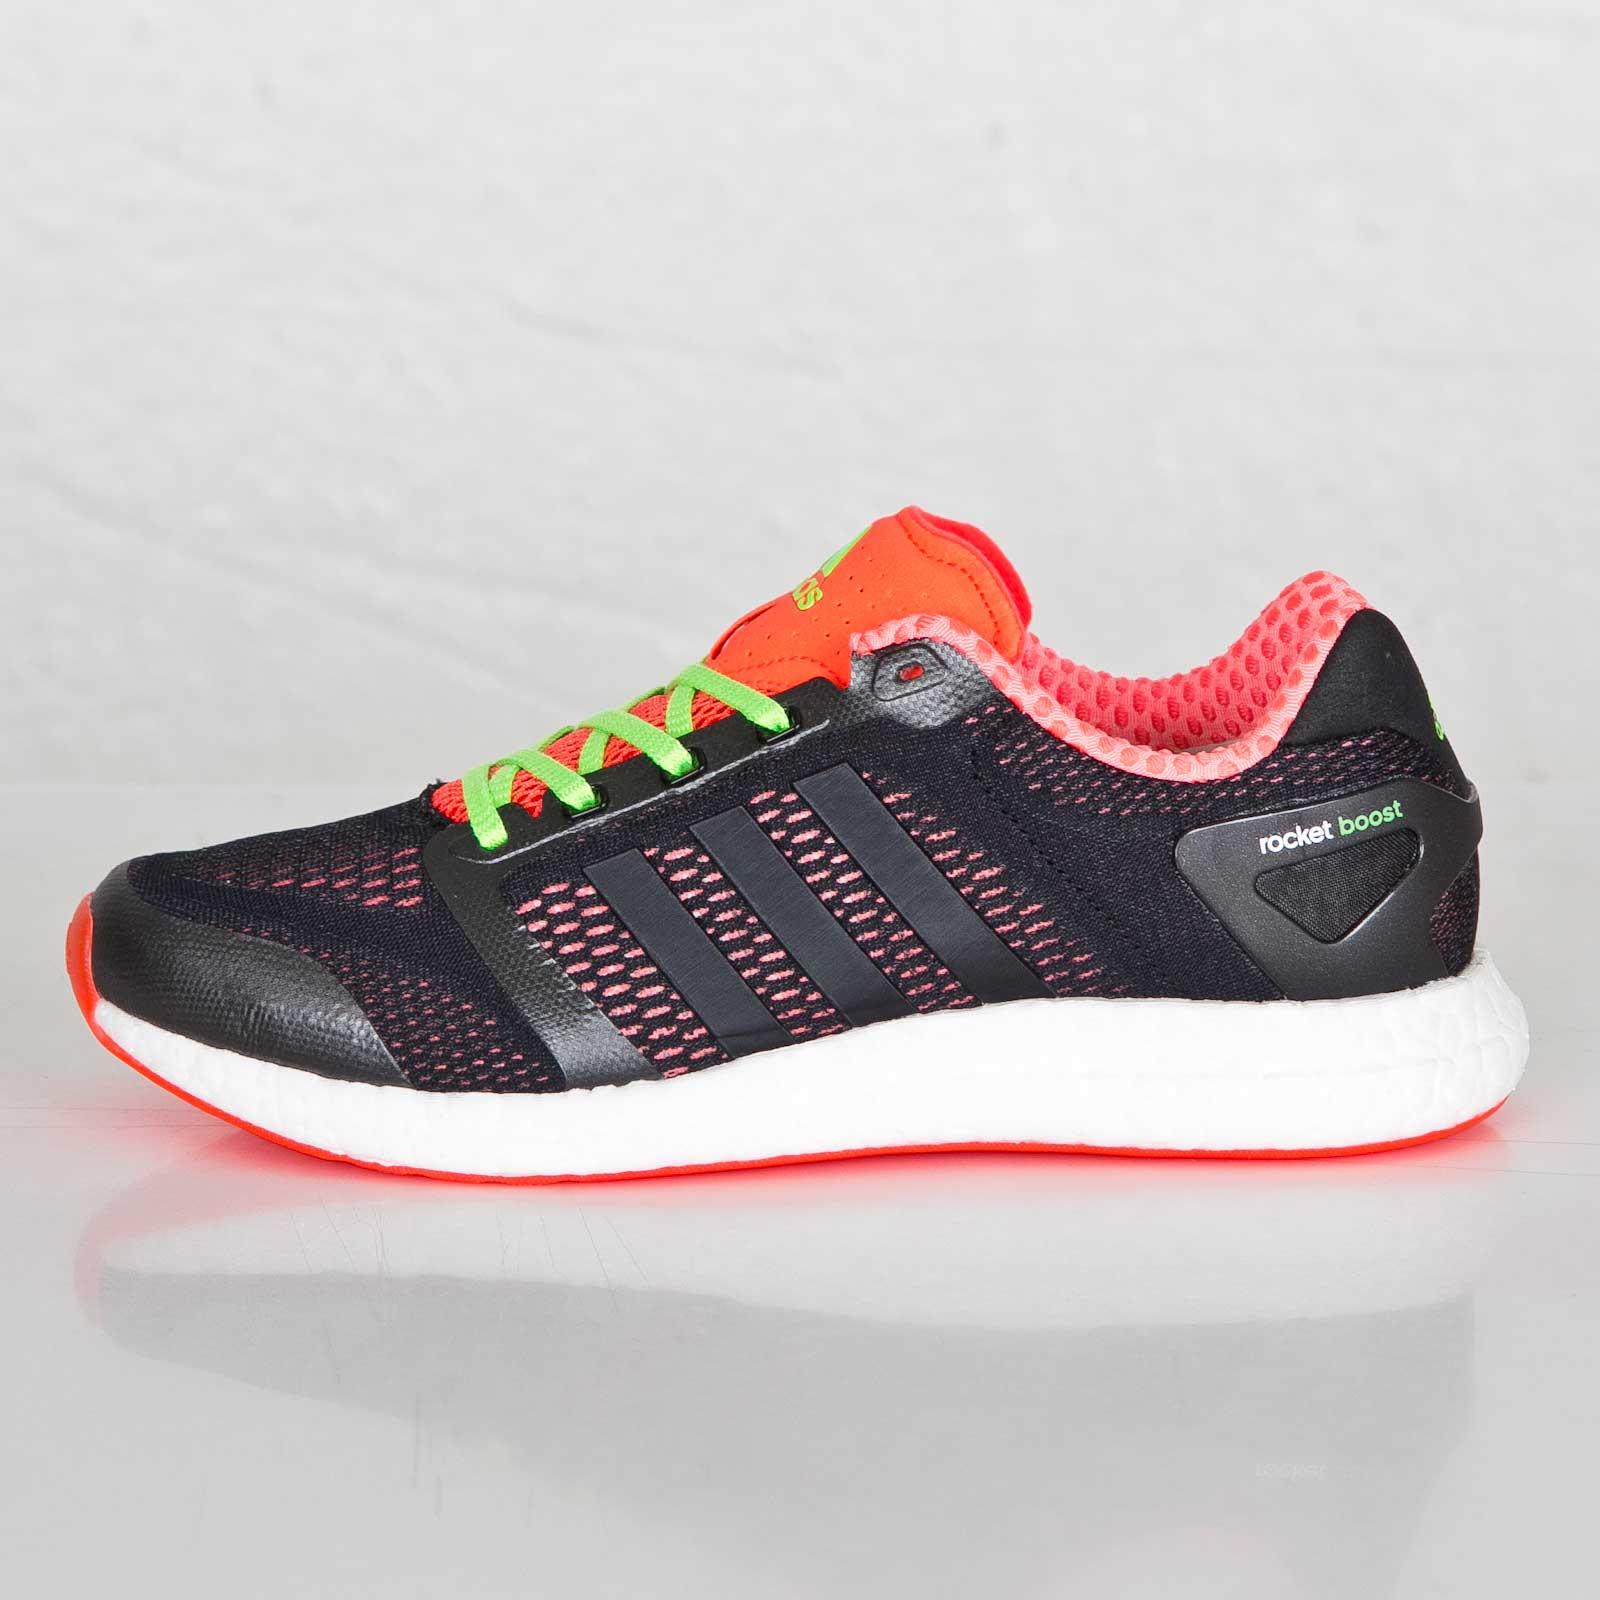 Adidas Schuhe online kaufen   adidas Cc Rocket Boost